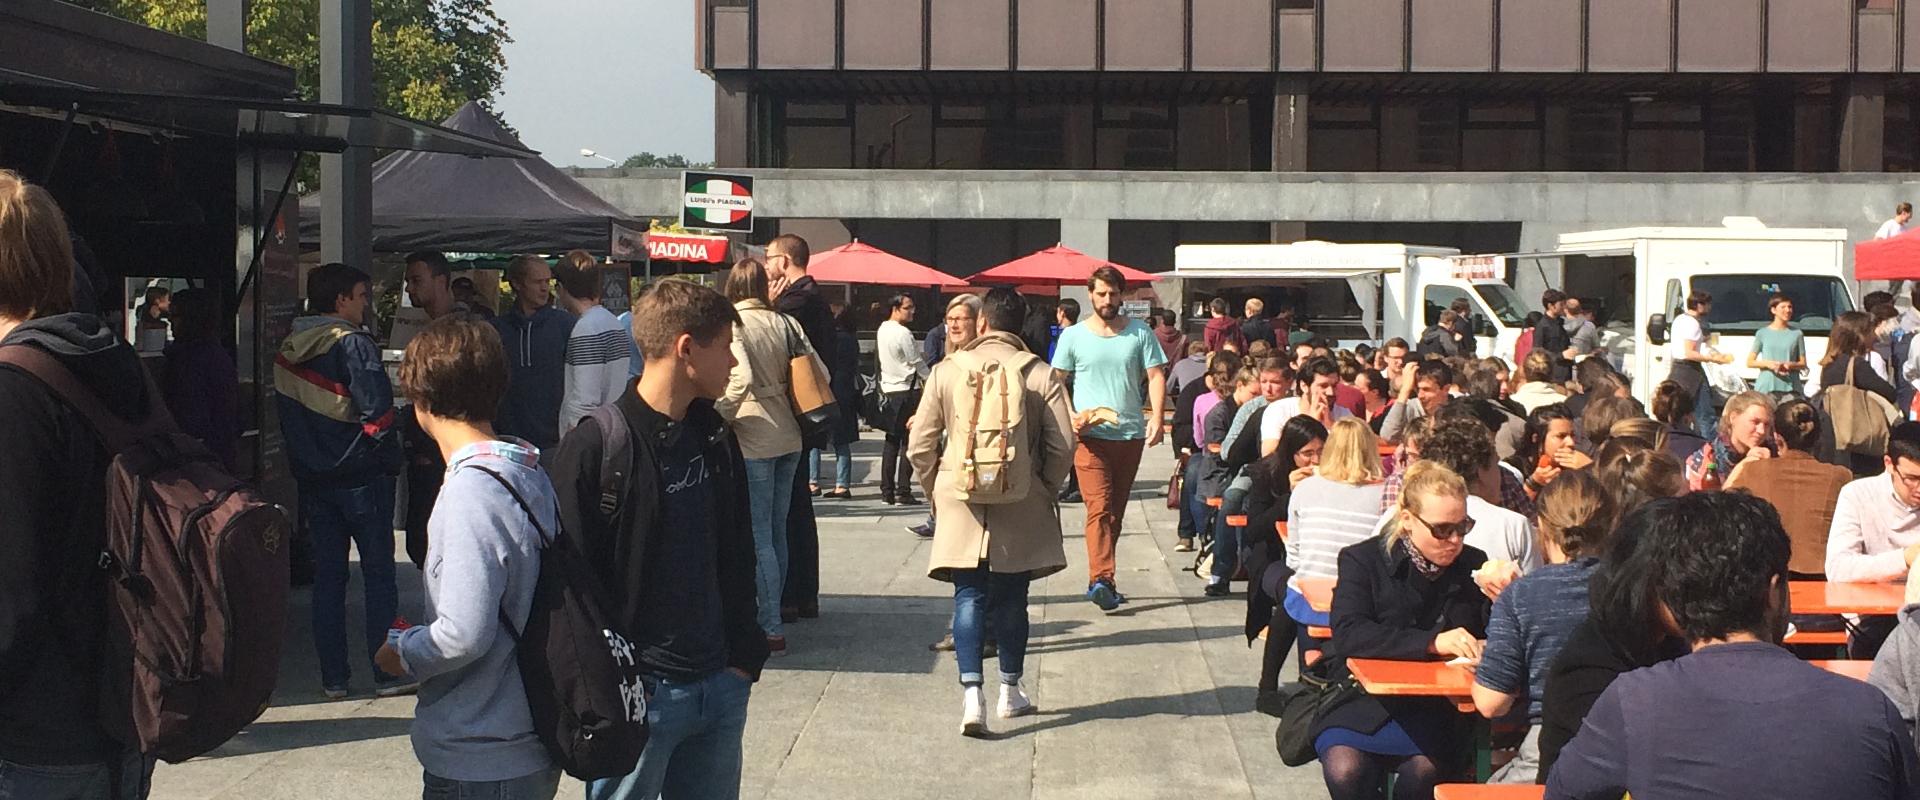 Lunchmarket ETH Zürich